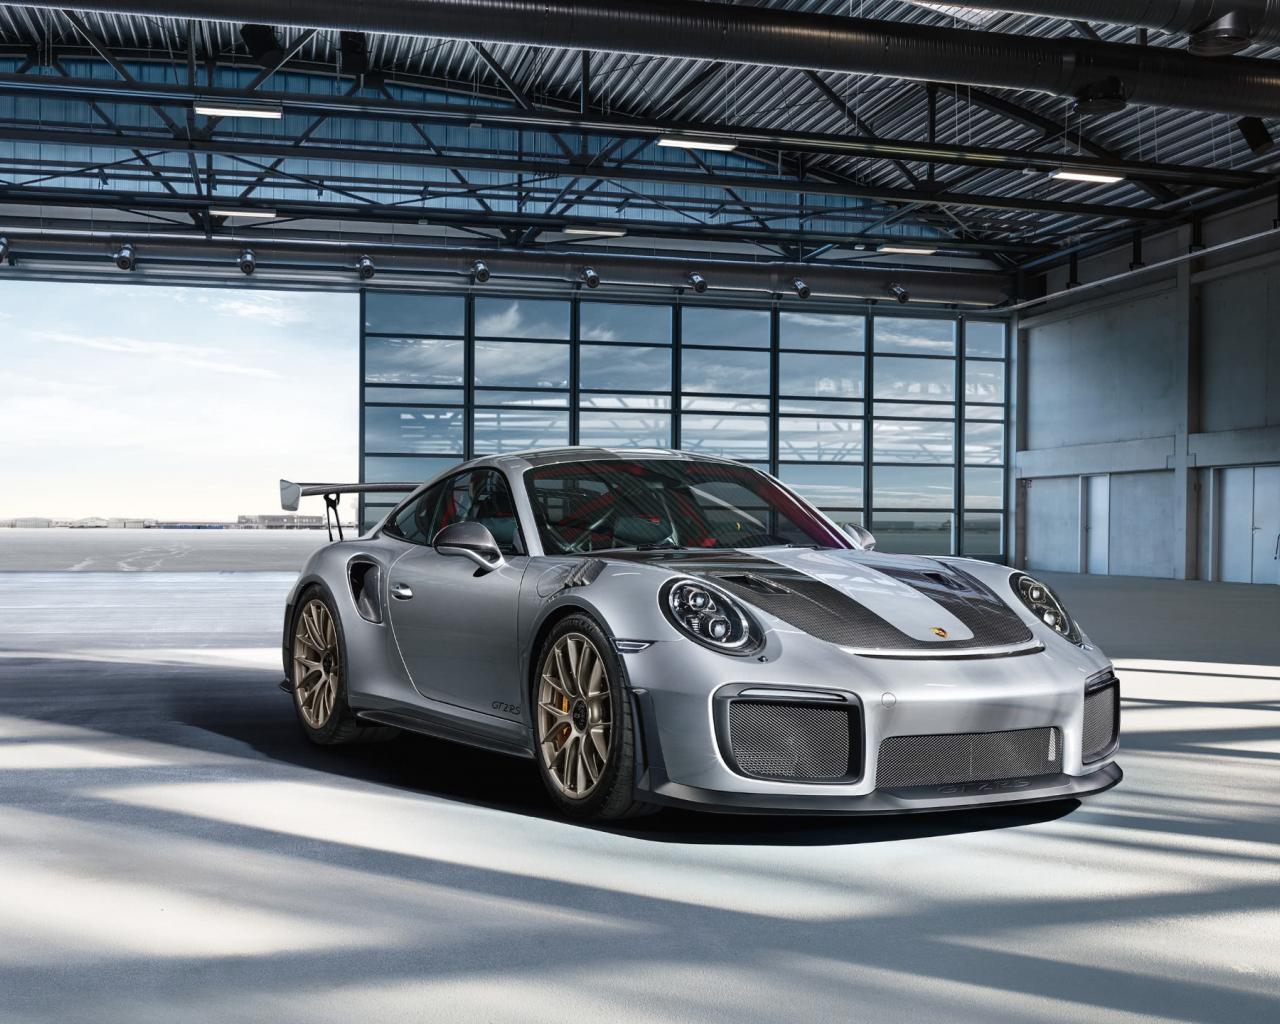 Free Download Porsche 911 Gt2 Rs Wqhd 1440p Wallpaper Pixelz 2560x1440 For Your Desktop Mobile Tablet Explore 55 Wallpaper Porsche Porsche Wallpapers Wallpaper Porsche Porsche Wallpaper